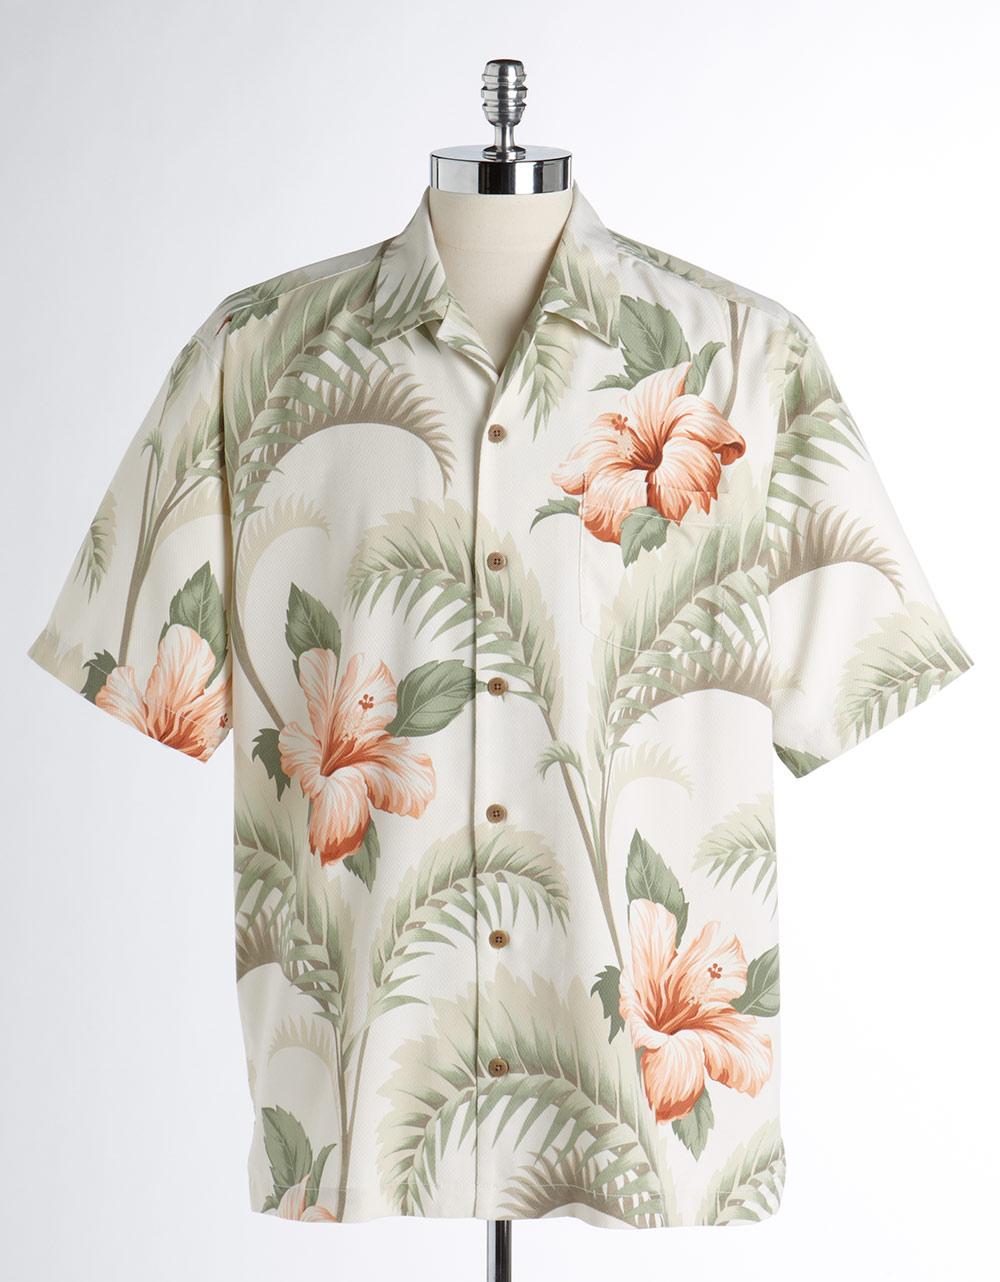 Tommy Bahama Hawaiian Print Shortsleeved Silk Shirt In